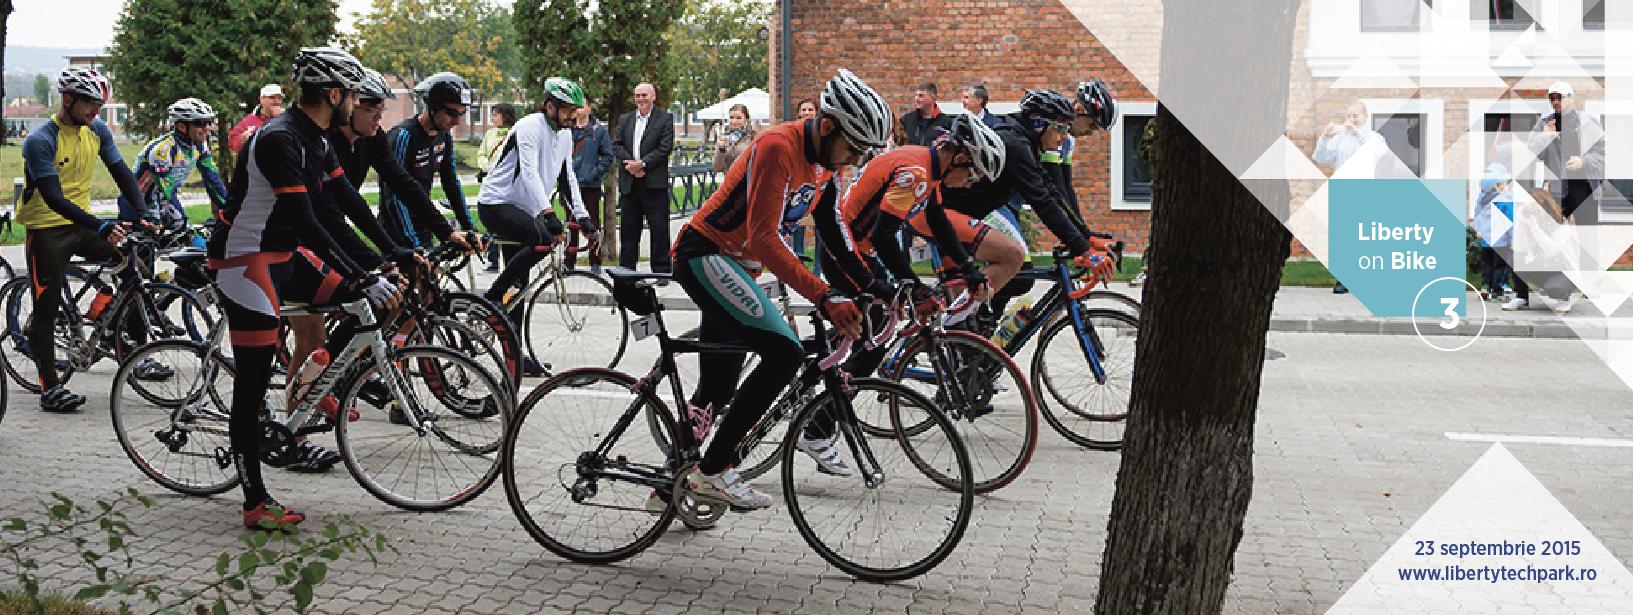 Prin fondurile strânse, organizatorii doresc să sprijine copii din comunități izolate ale Clujului să ajungă mai ușor la școală pe bicicletă.